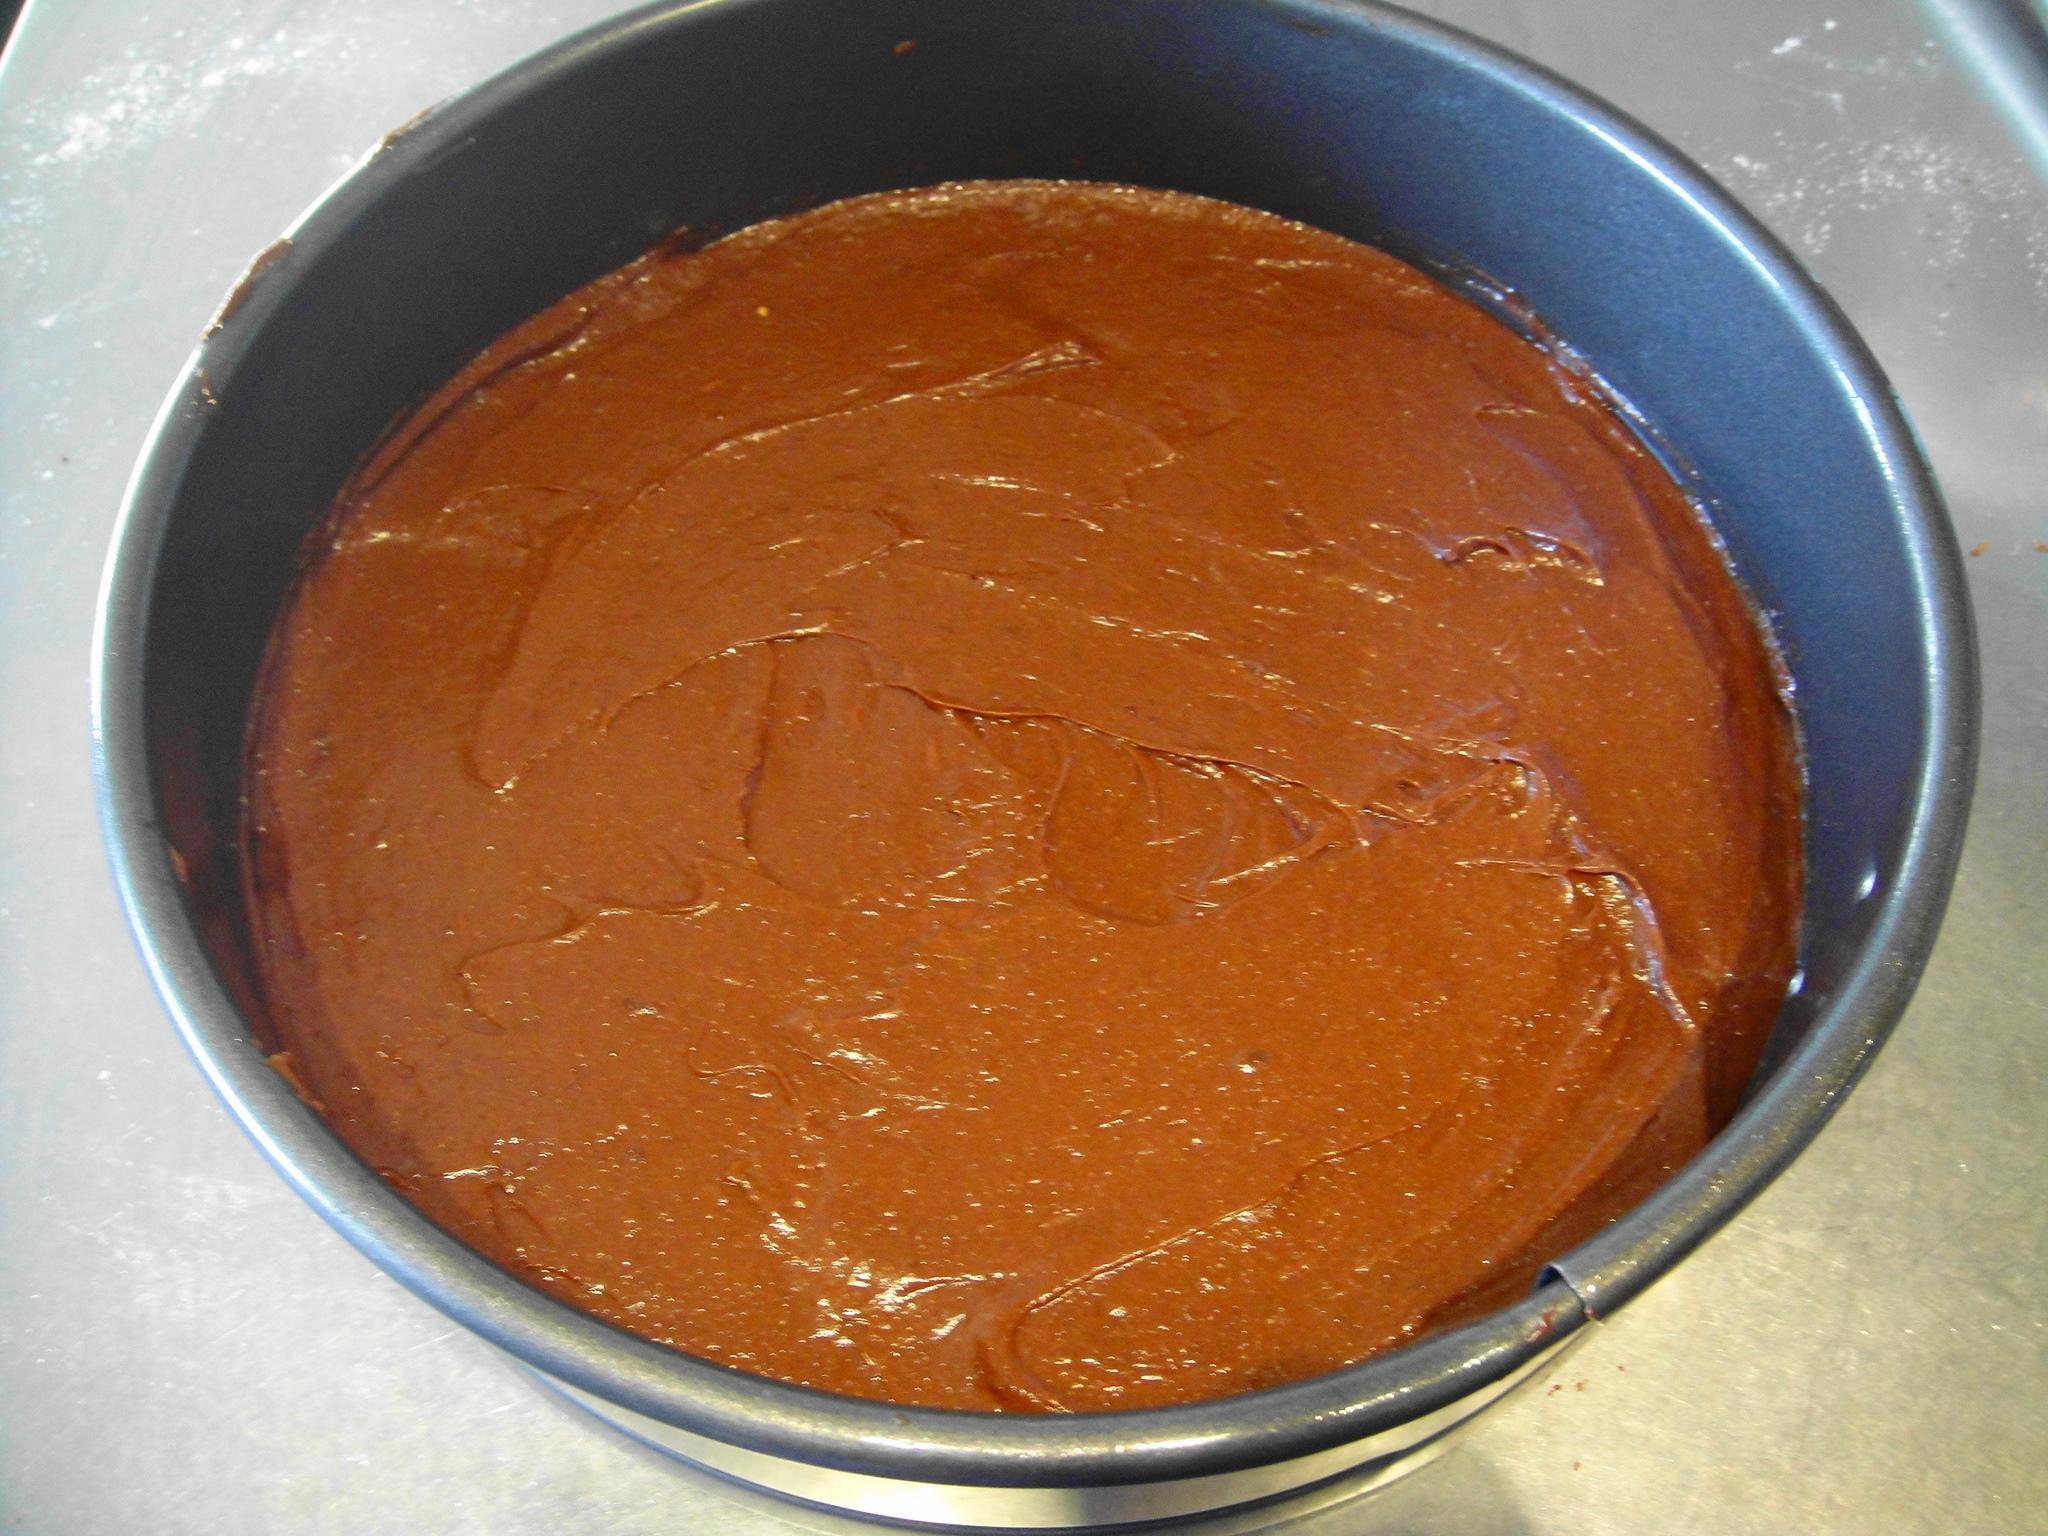 torte ready to bake